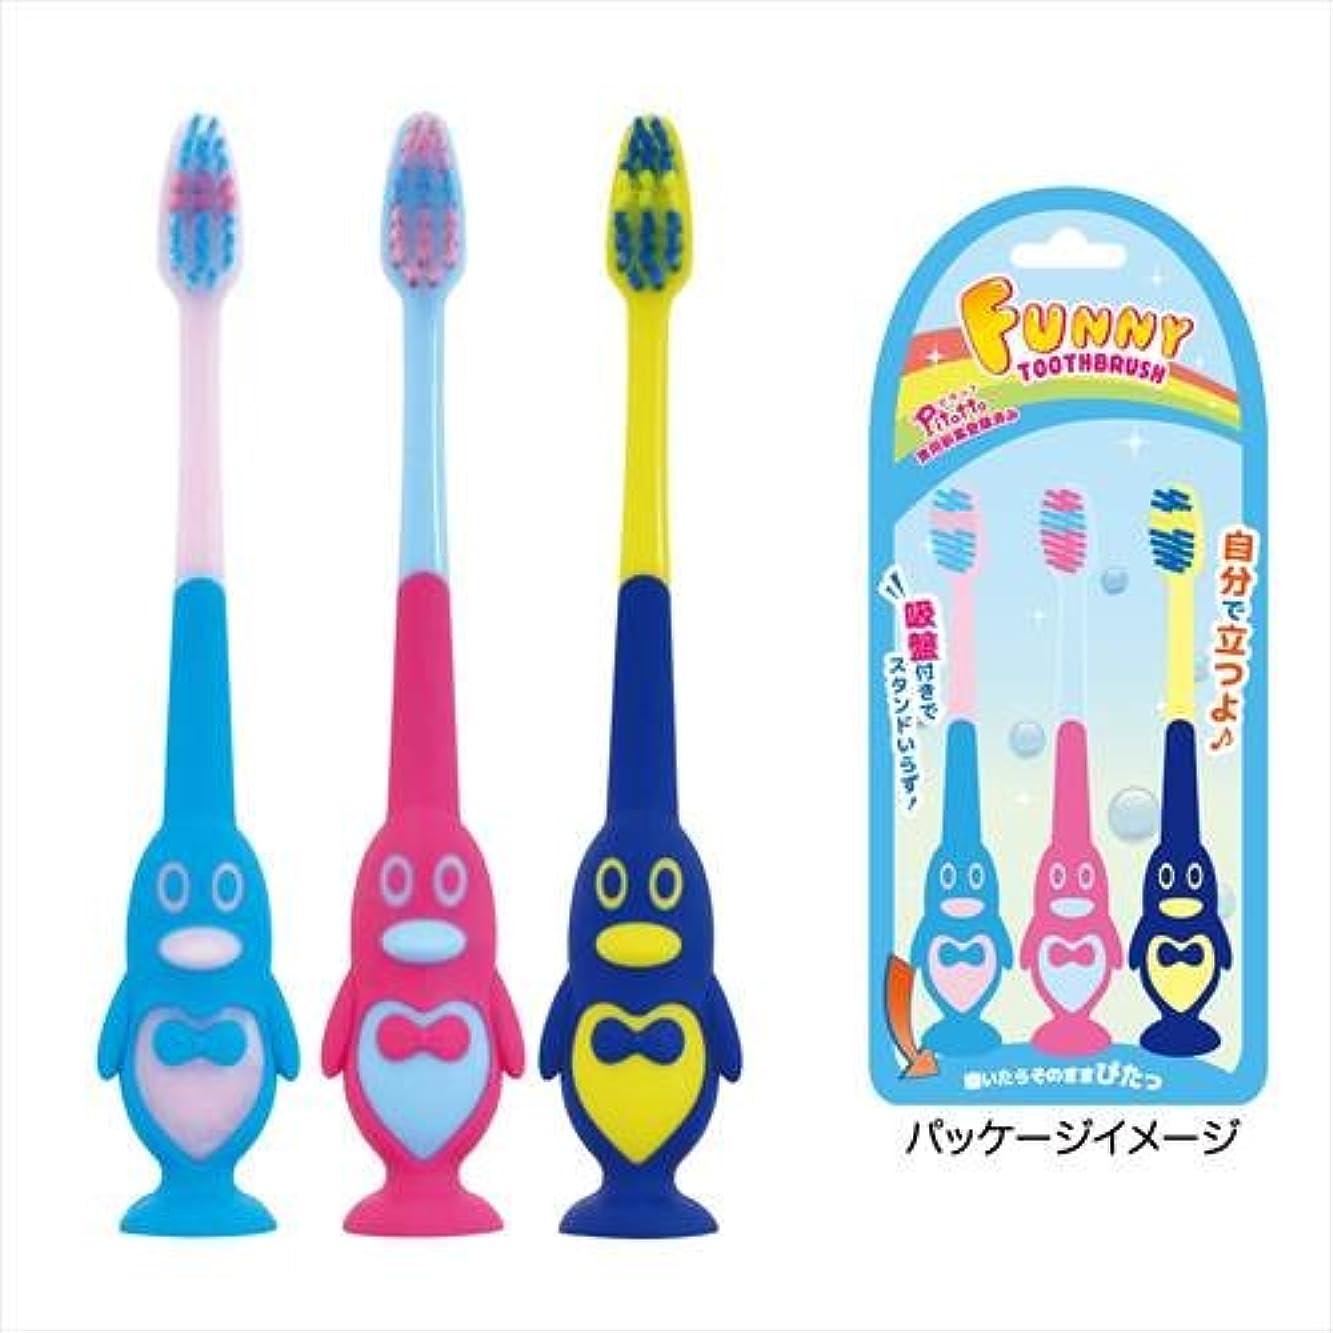 震えるアイロニーマニアック[歯ブラシ] 吸盤付き歯ブラシ 3本セット/ペンギン ユーカンパニー かわいい 洗面用具 グッズ 通販